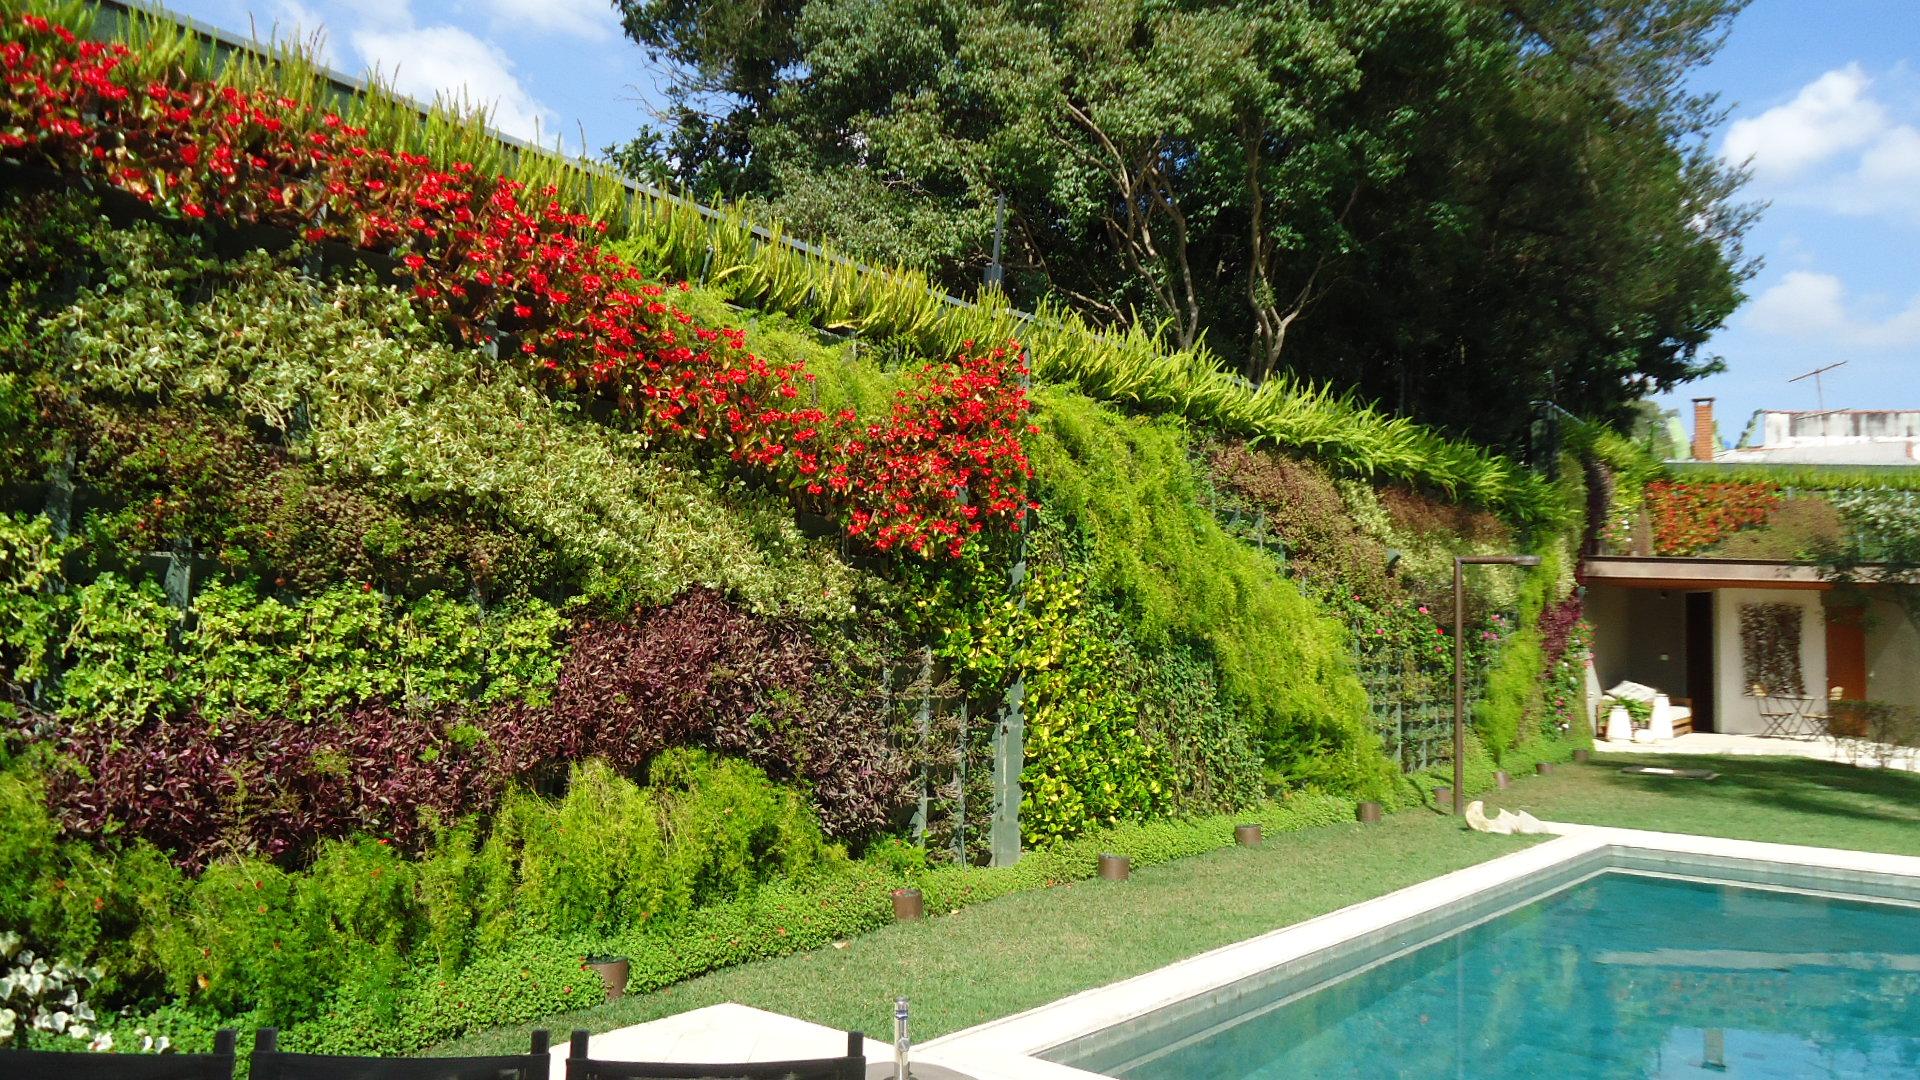 60 fotos de muros decorados com plantas On que planta para muro exterior vegetal